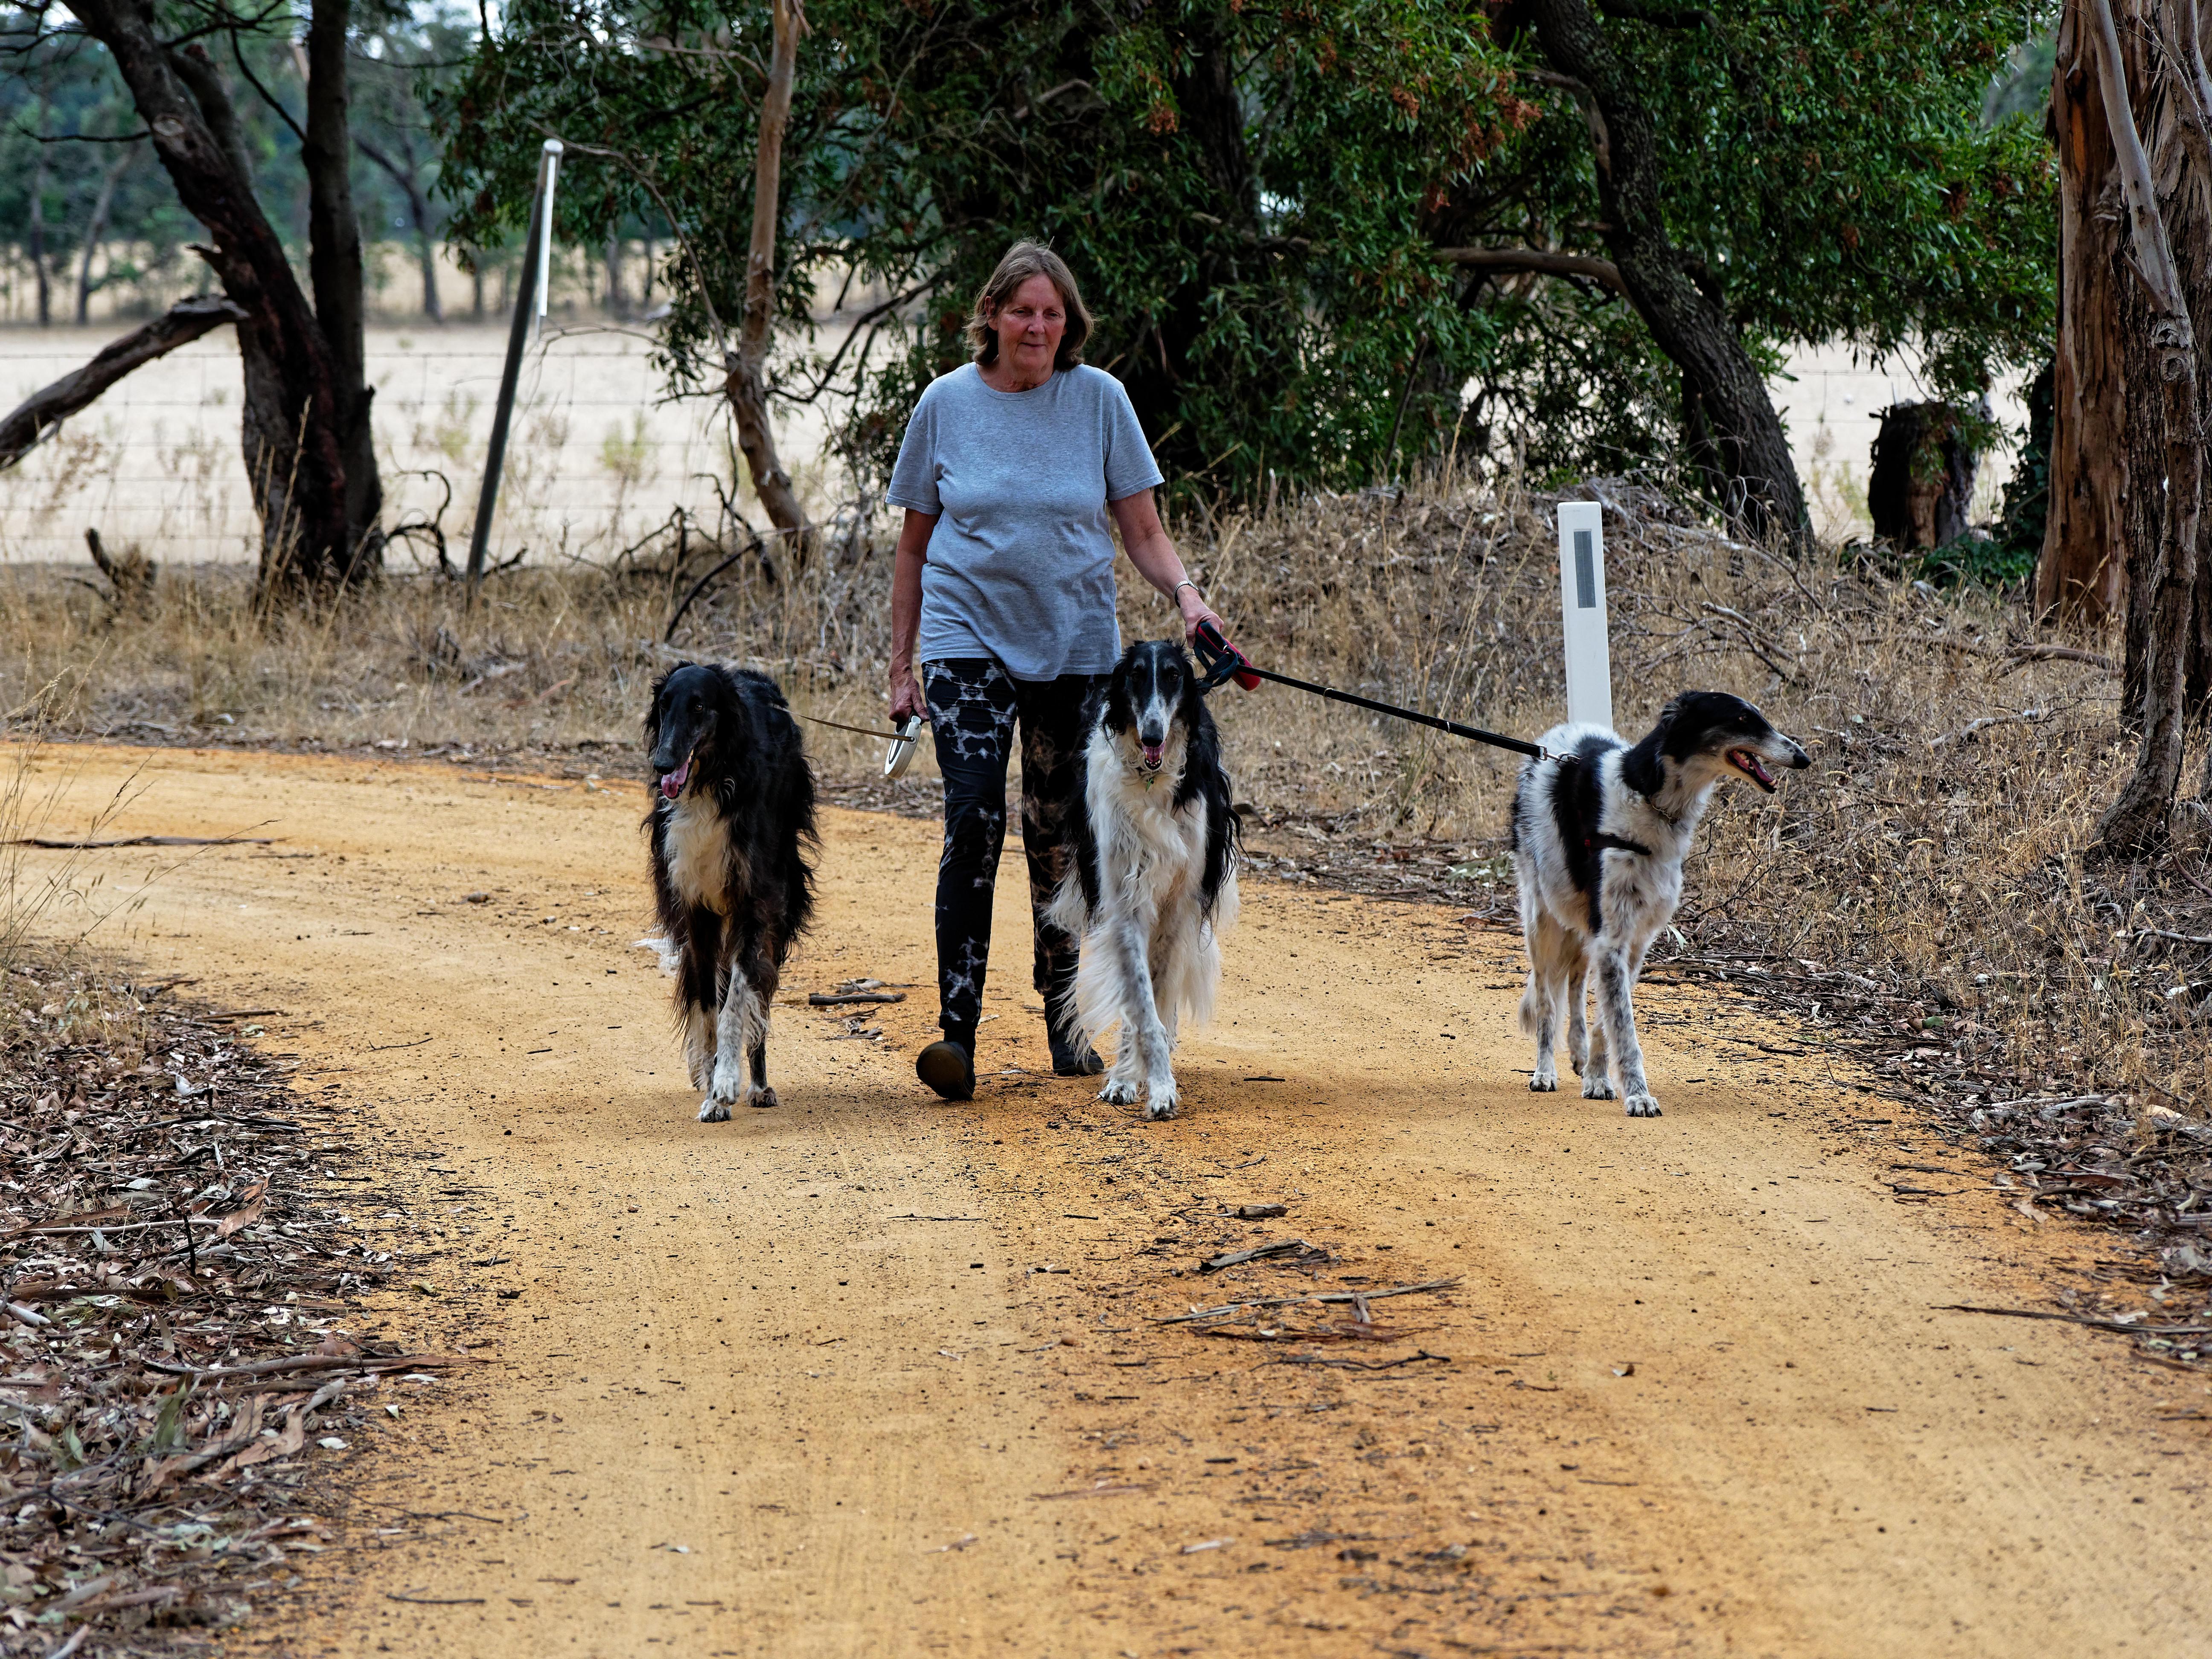 Walking-dogs-27.jpeg